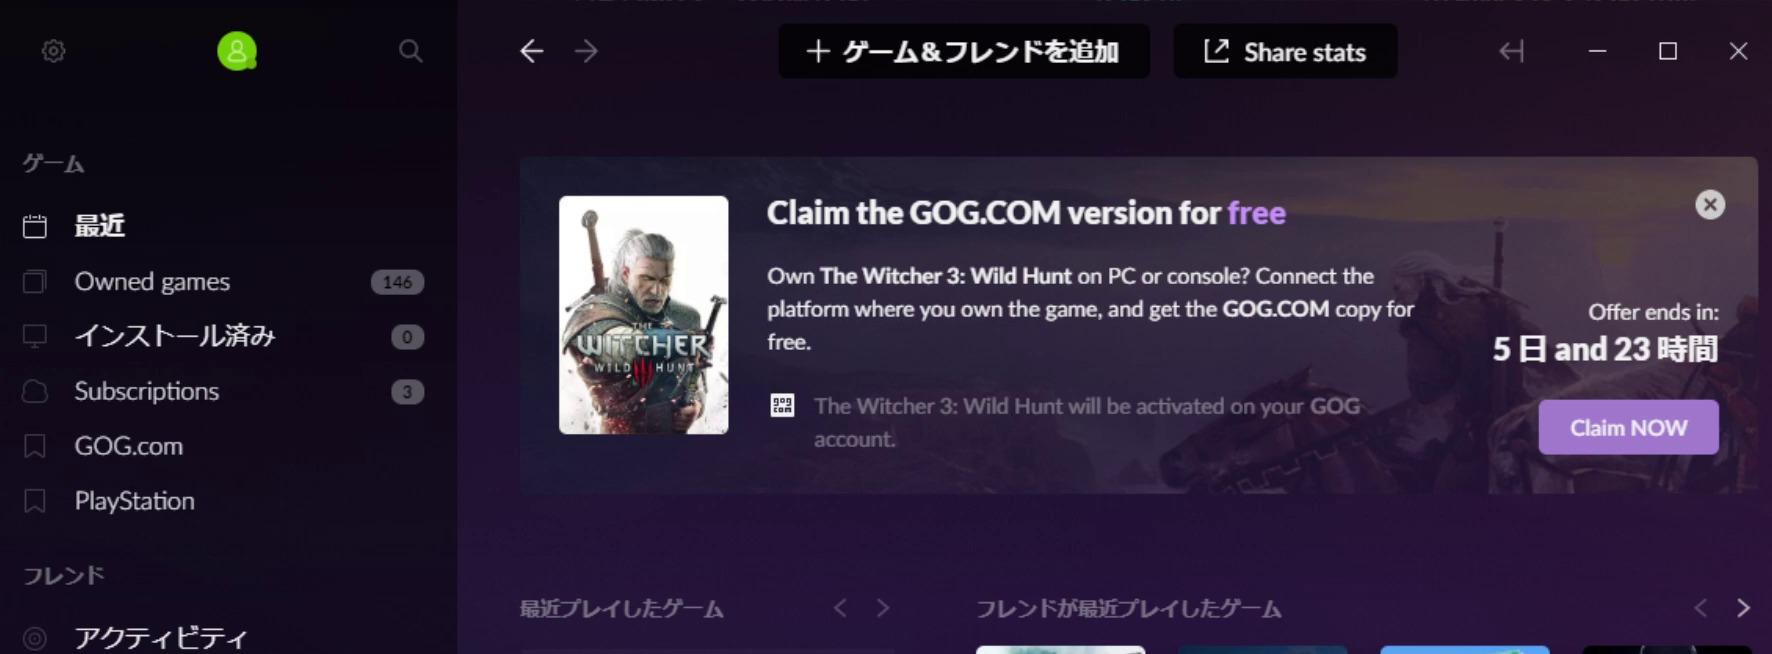 GOGウィッチャー3無料取得バナー